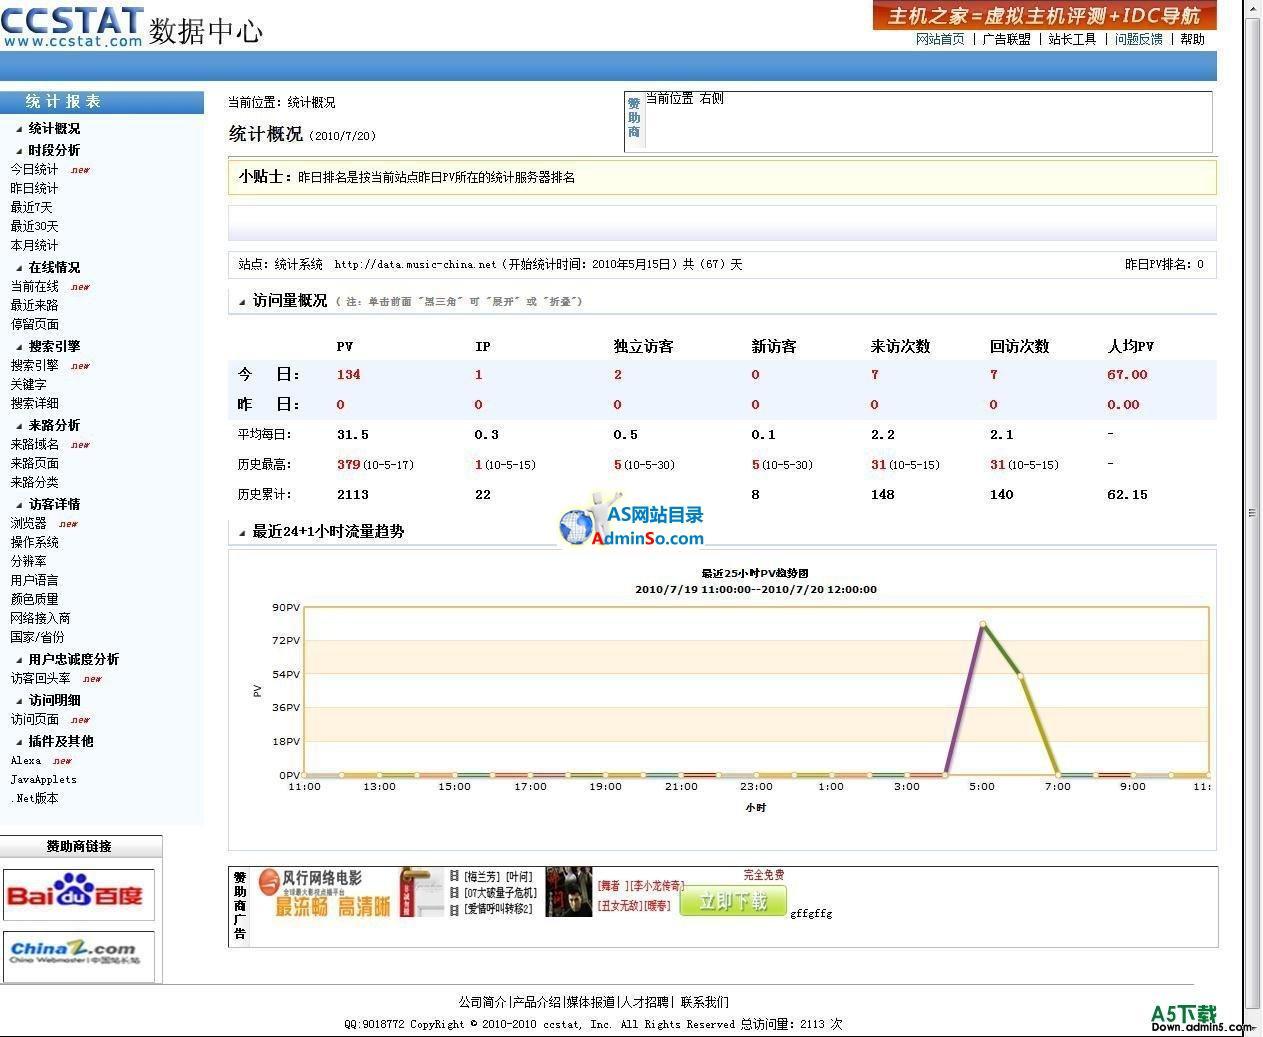 CCSTAT多用户流量统计系统